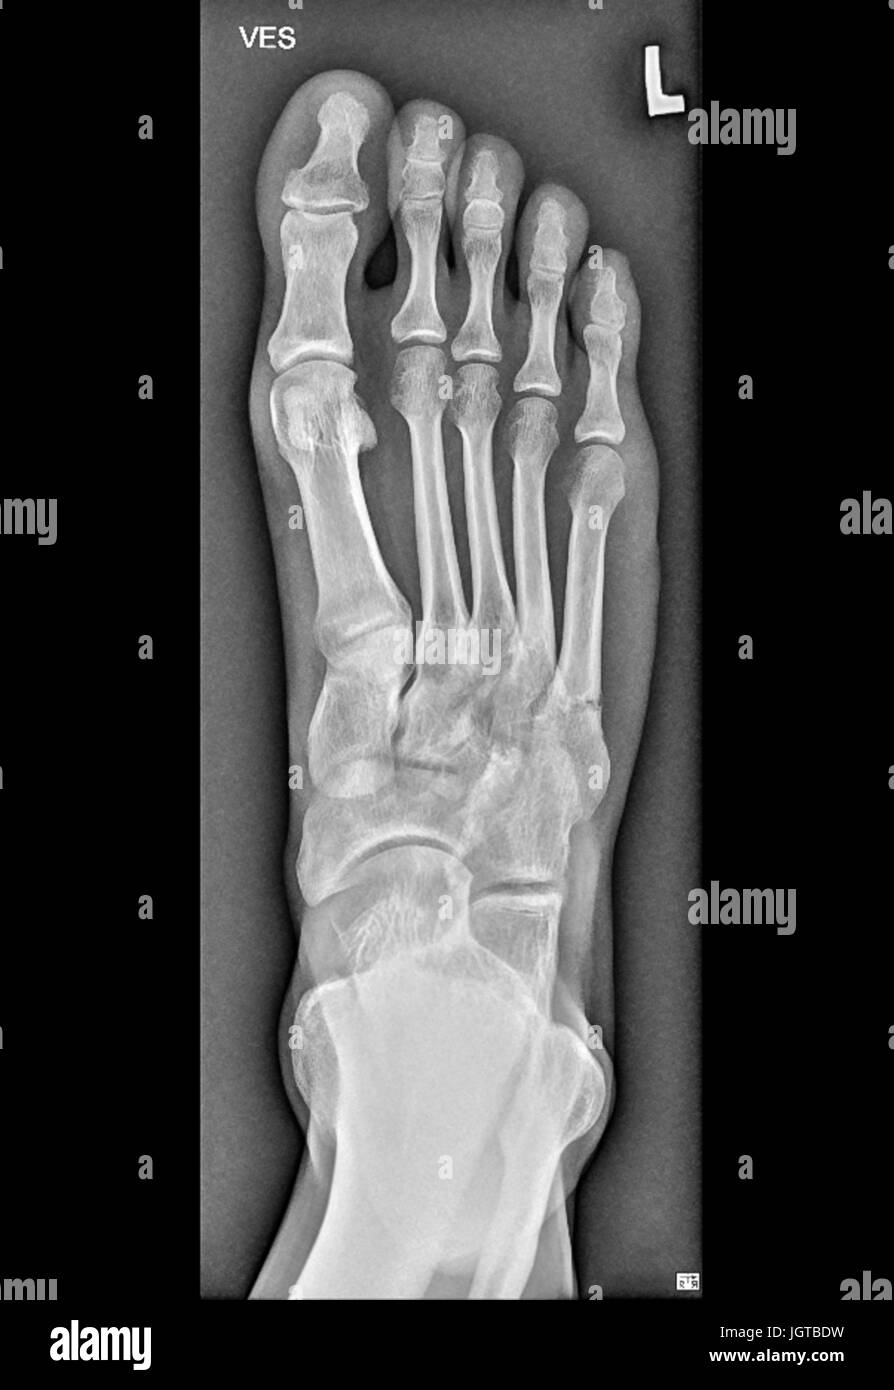 Foot Medical Xray, broken bone, Patient treatment - Stock Image